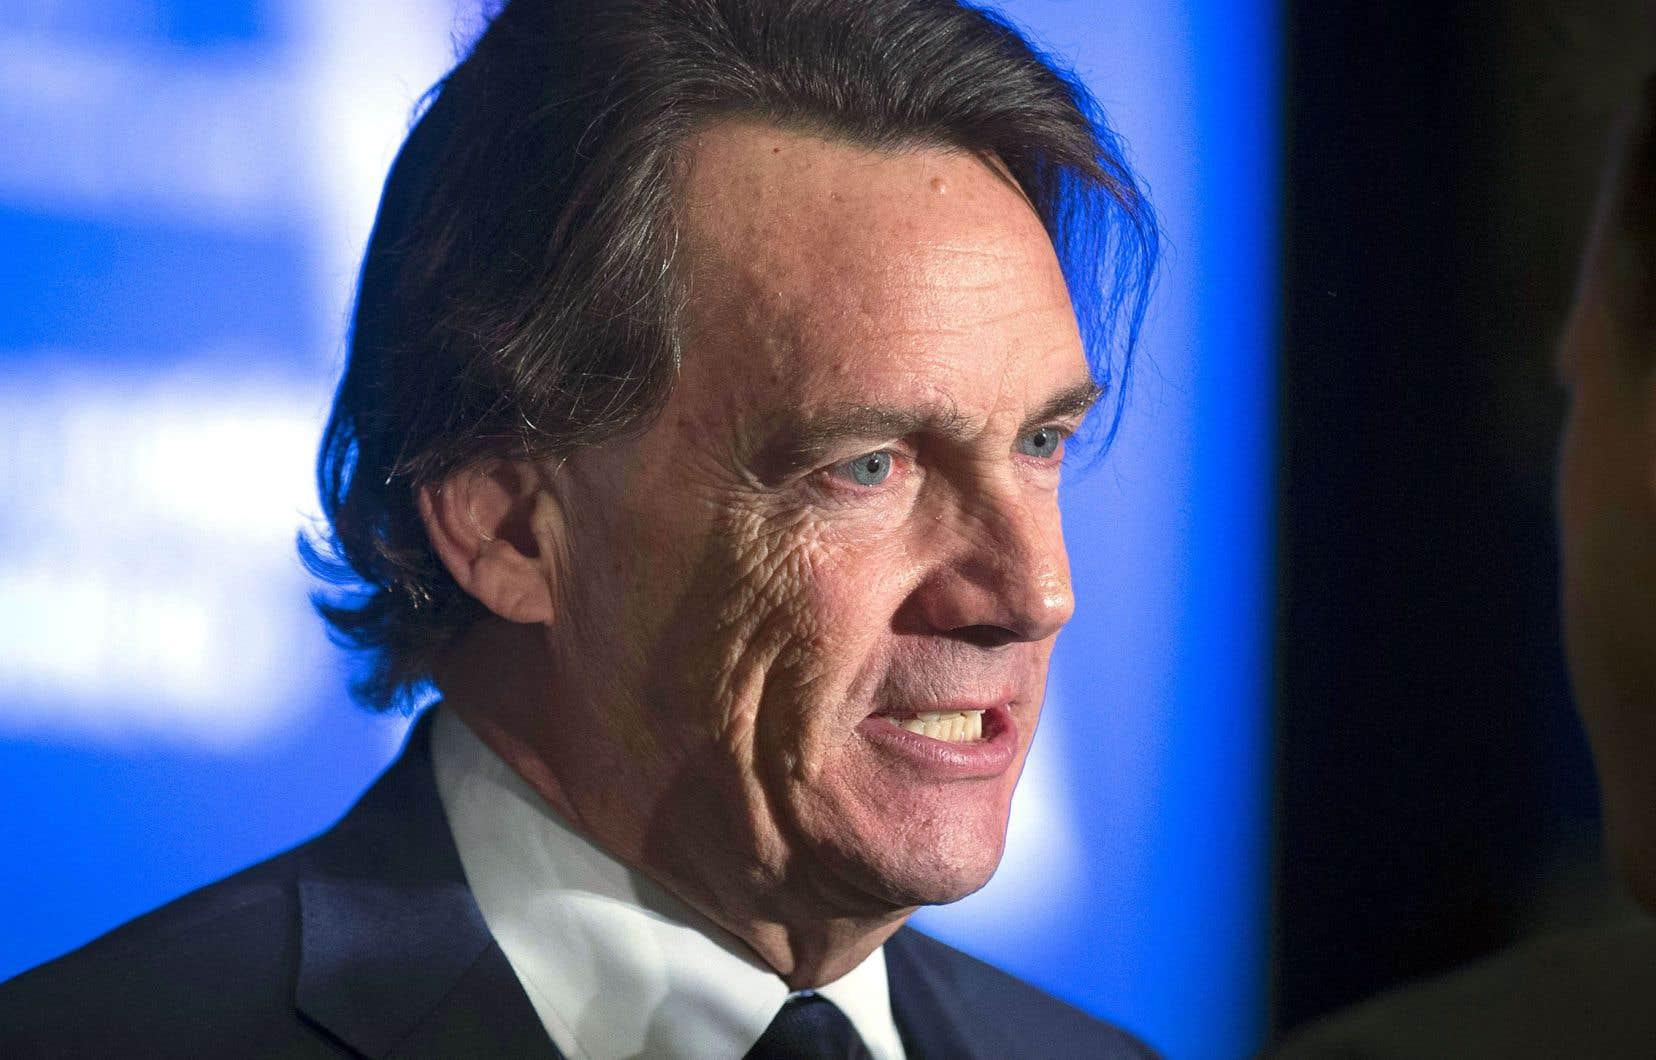 Avec la proposition d'Air Canada, Pierre Karl Péladeau anticipe une rationalisation des activités entraînant des pertes d'emplois et une éventuelle fermeture du siège social de Transat à Montréal.